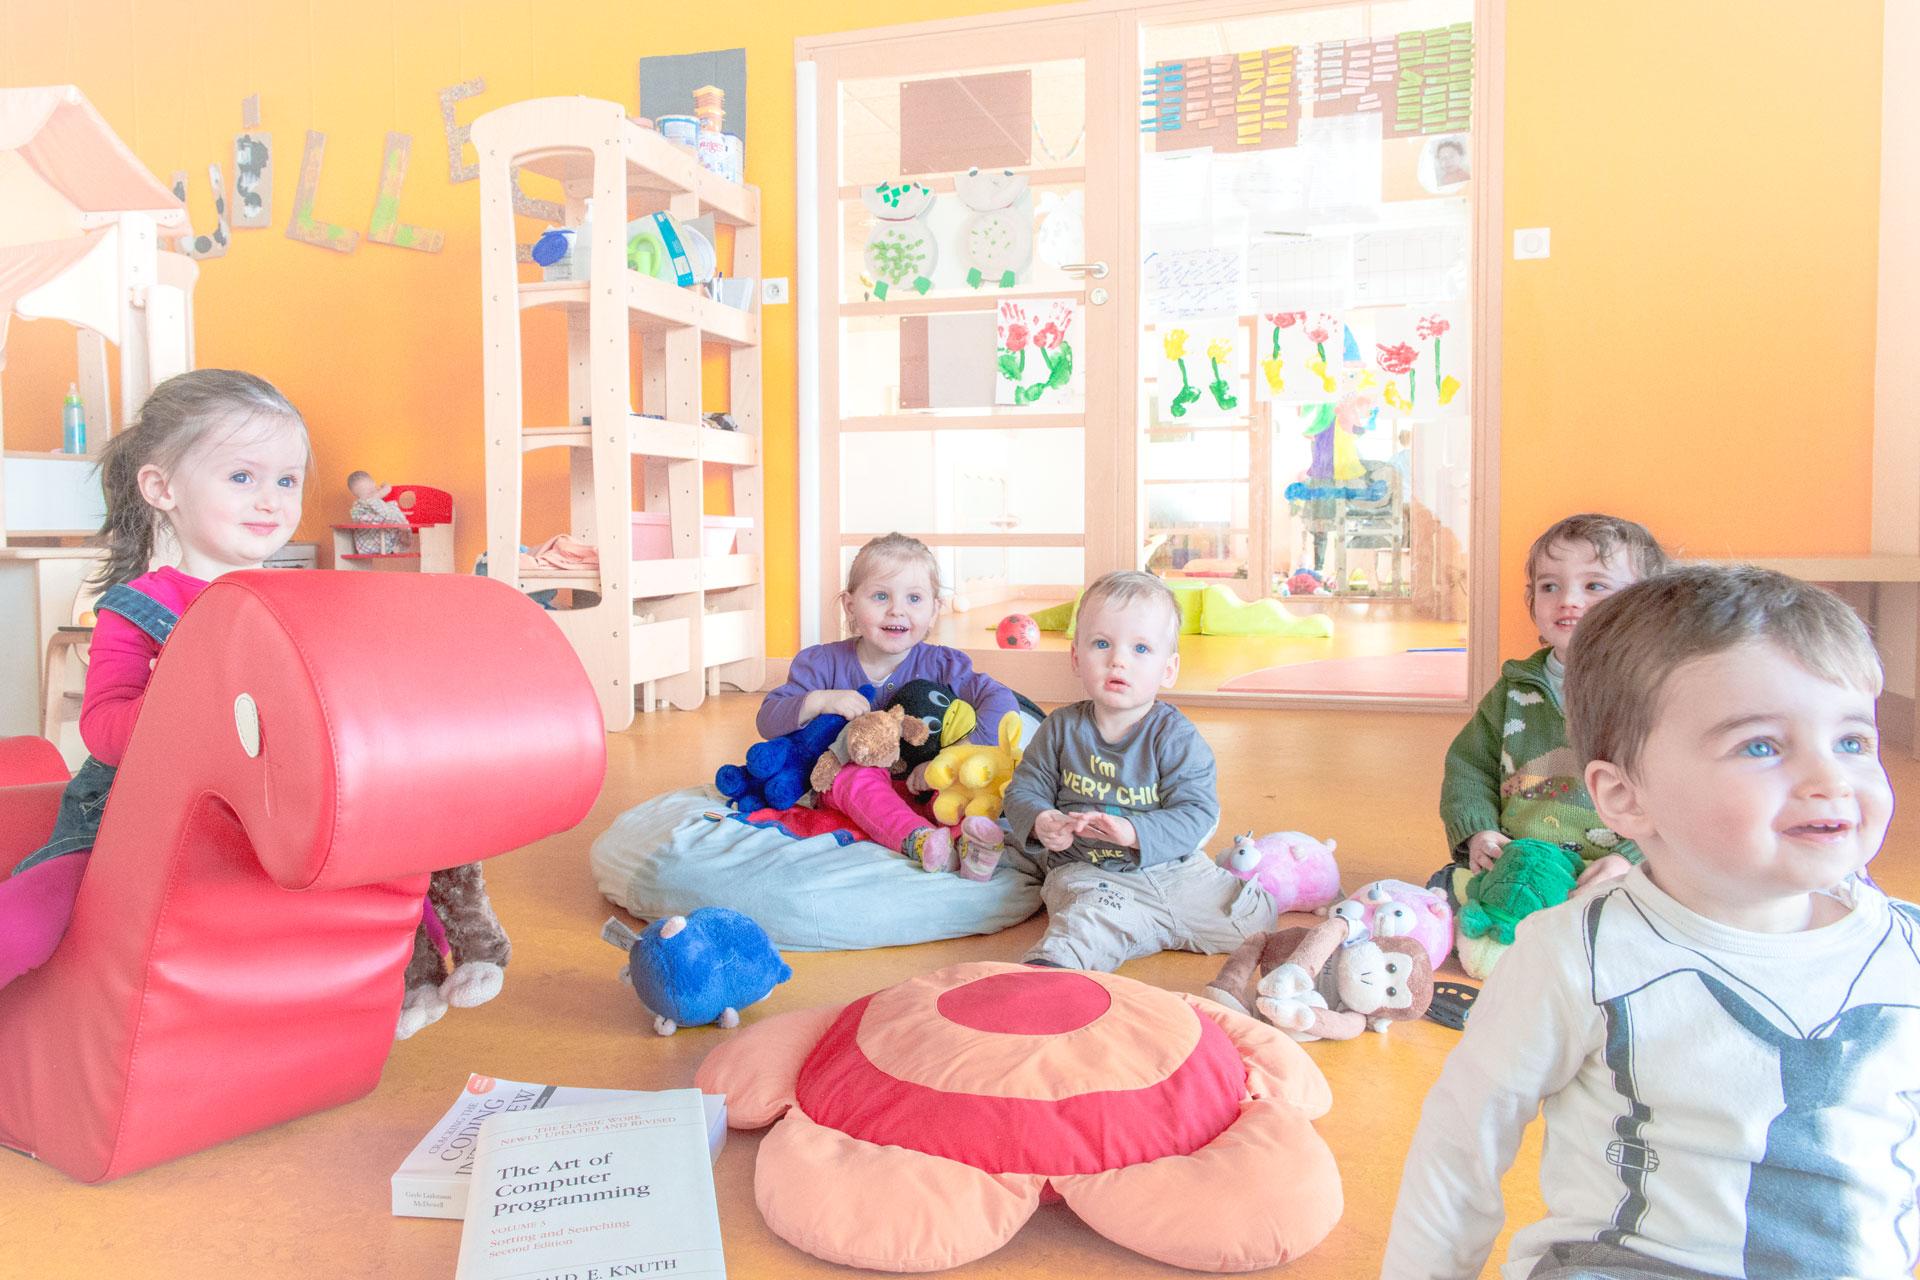 Quatre enfants ont déjà reçu une promesse d'embauche d'OVH, applicable dès leur majorité.